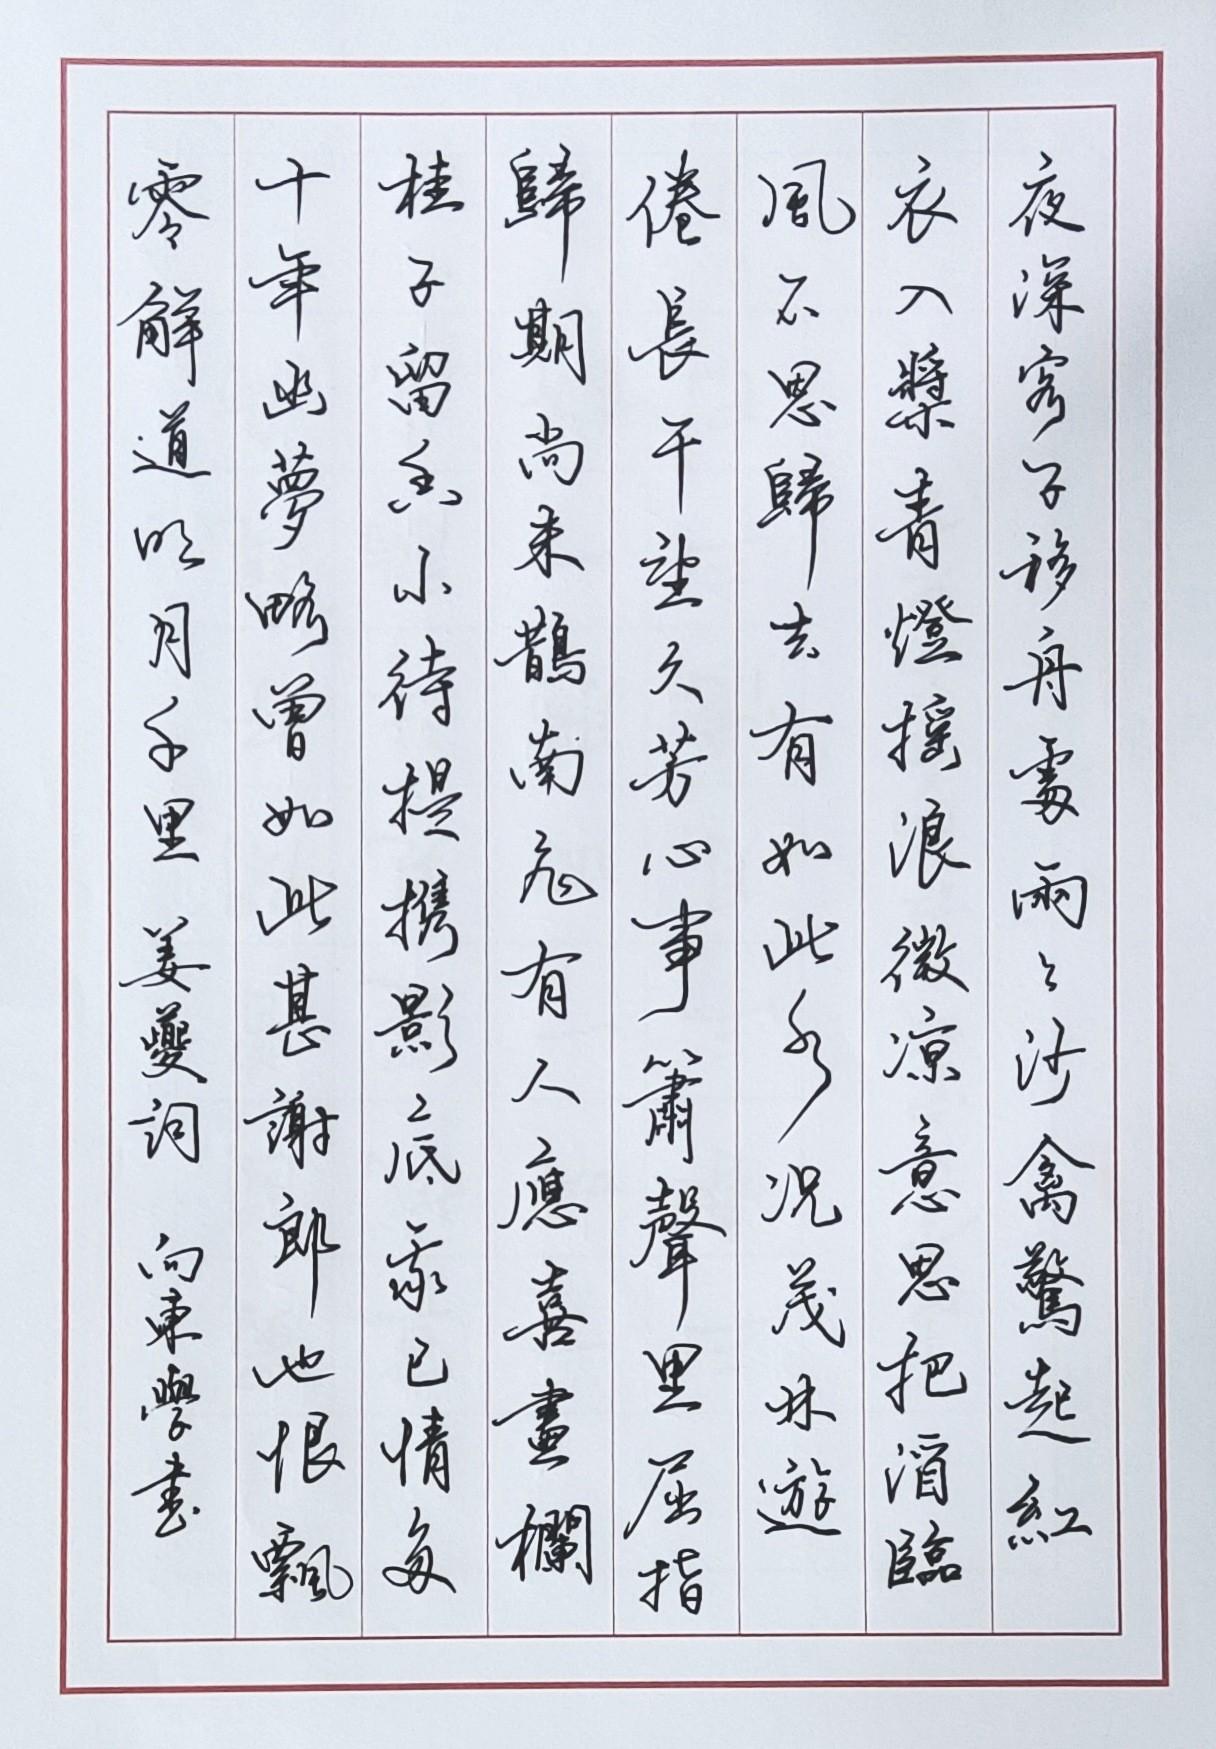 钢笔爱好者练字打卡20210309-17